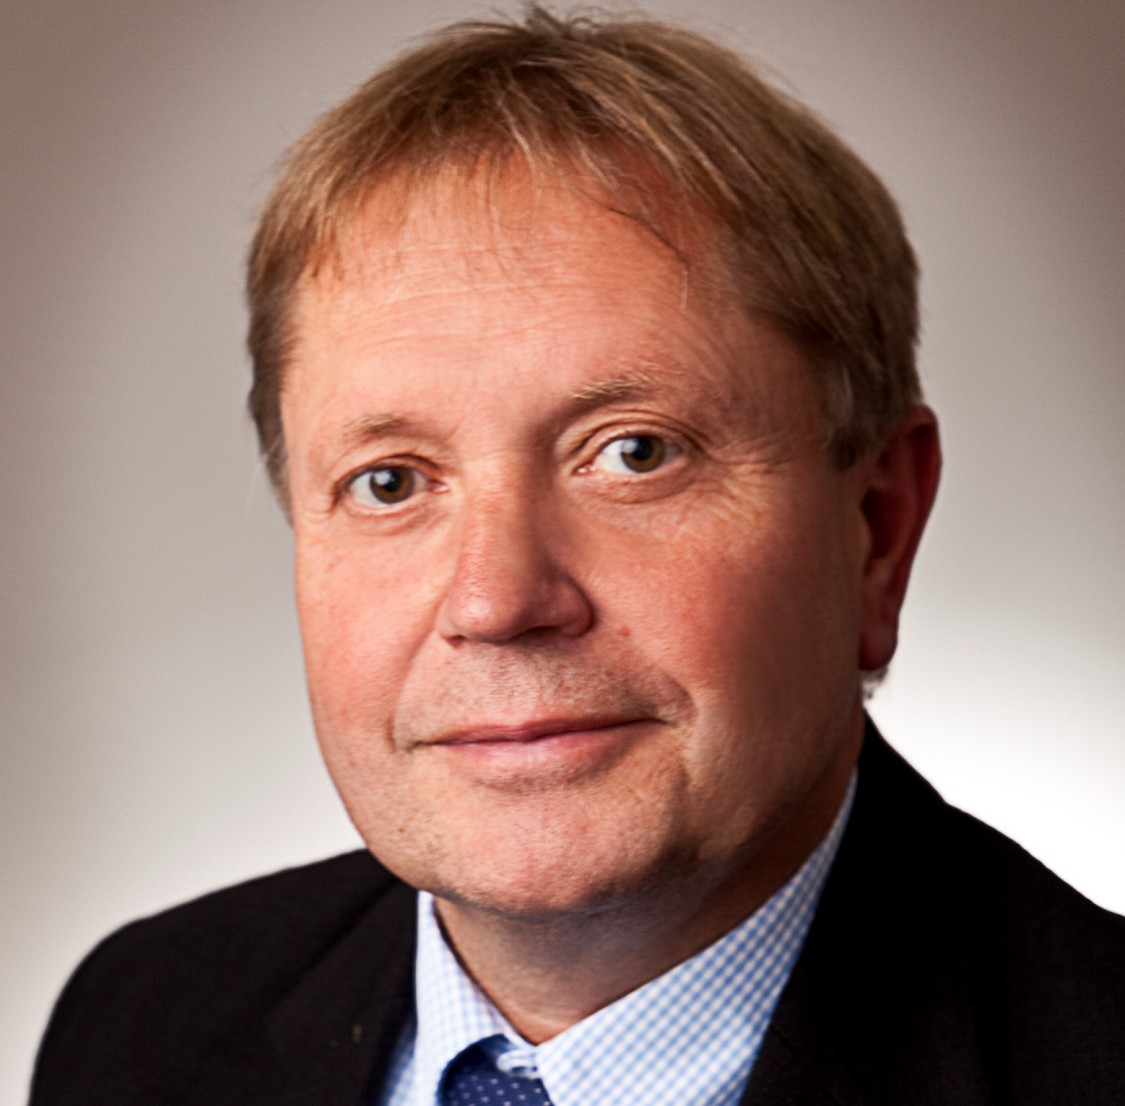 Jürgen Opitz